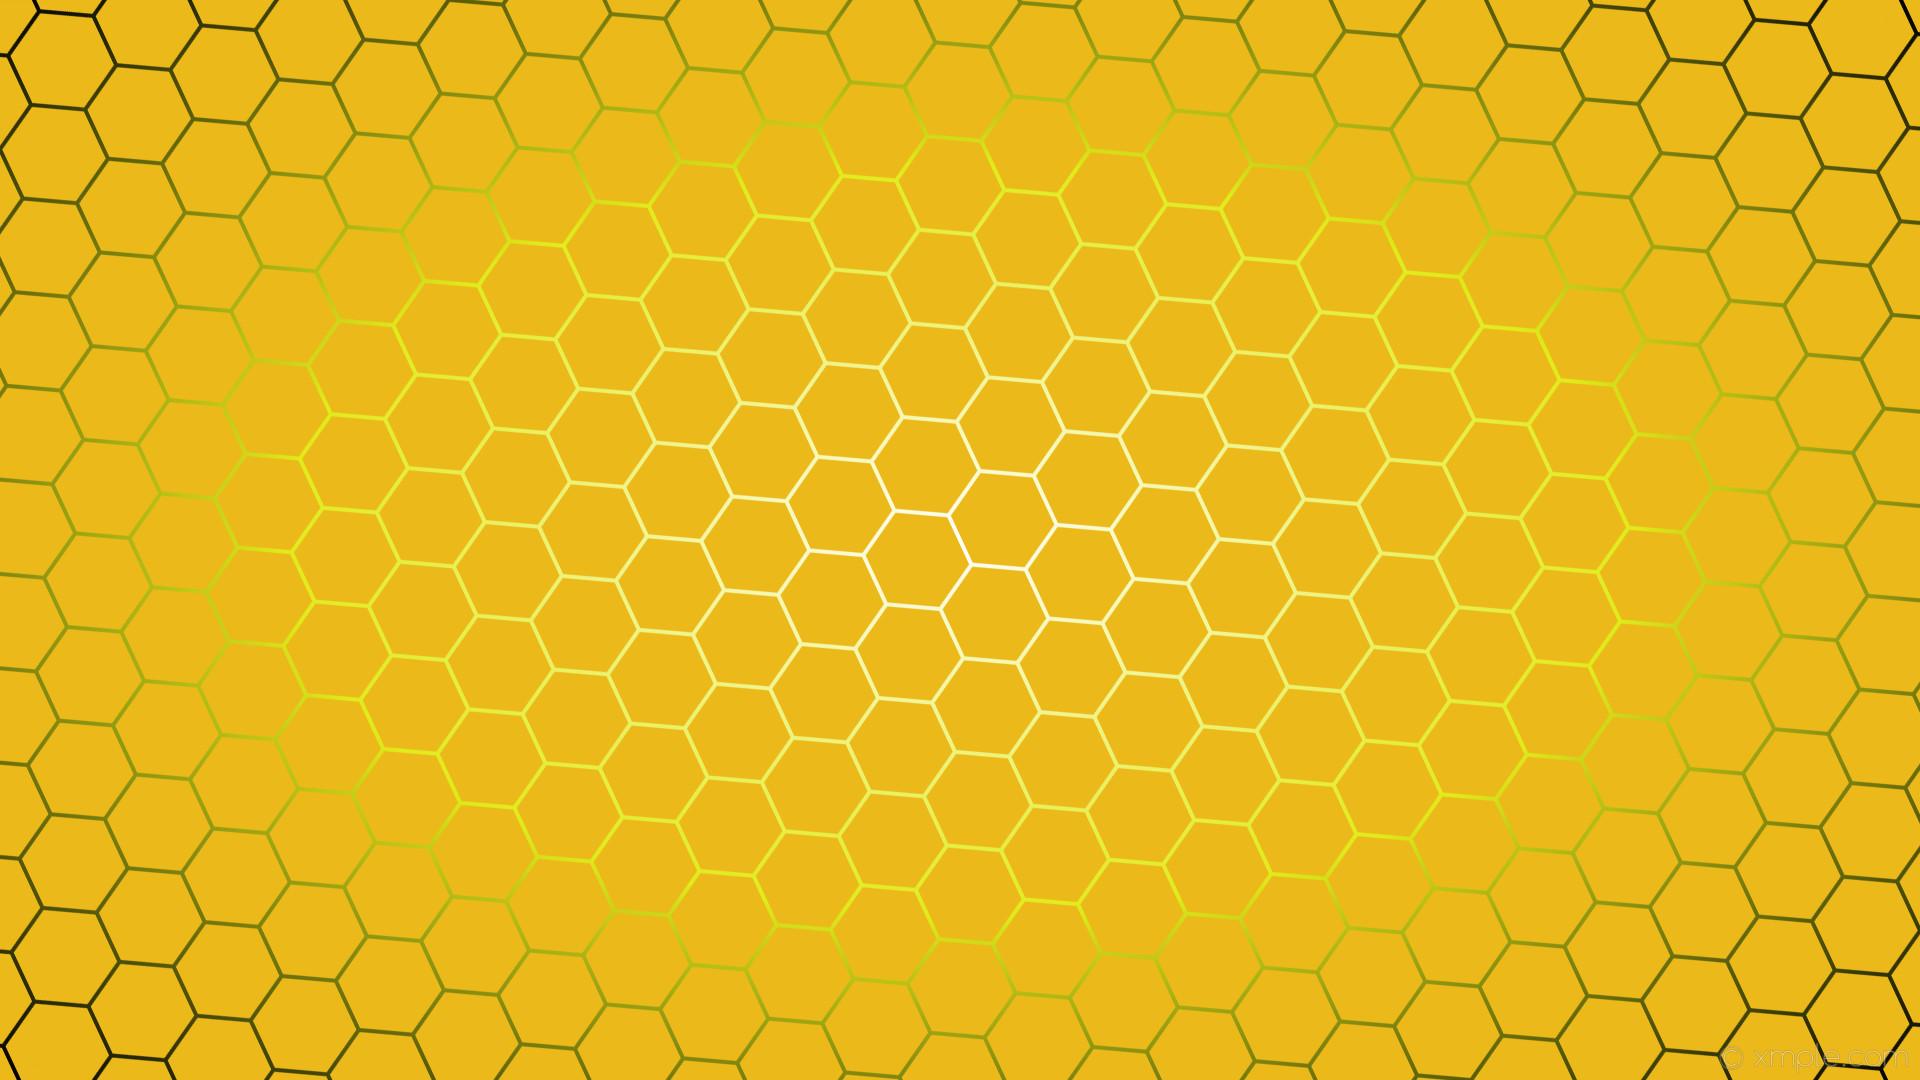 wallpaper yellow hexagon black glow gradient white #ecb91a #ffffff #e0ec1a  diagonal 25°